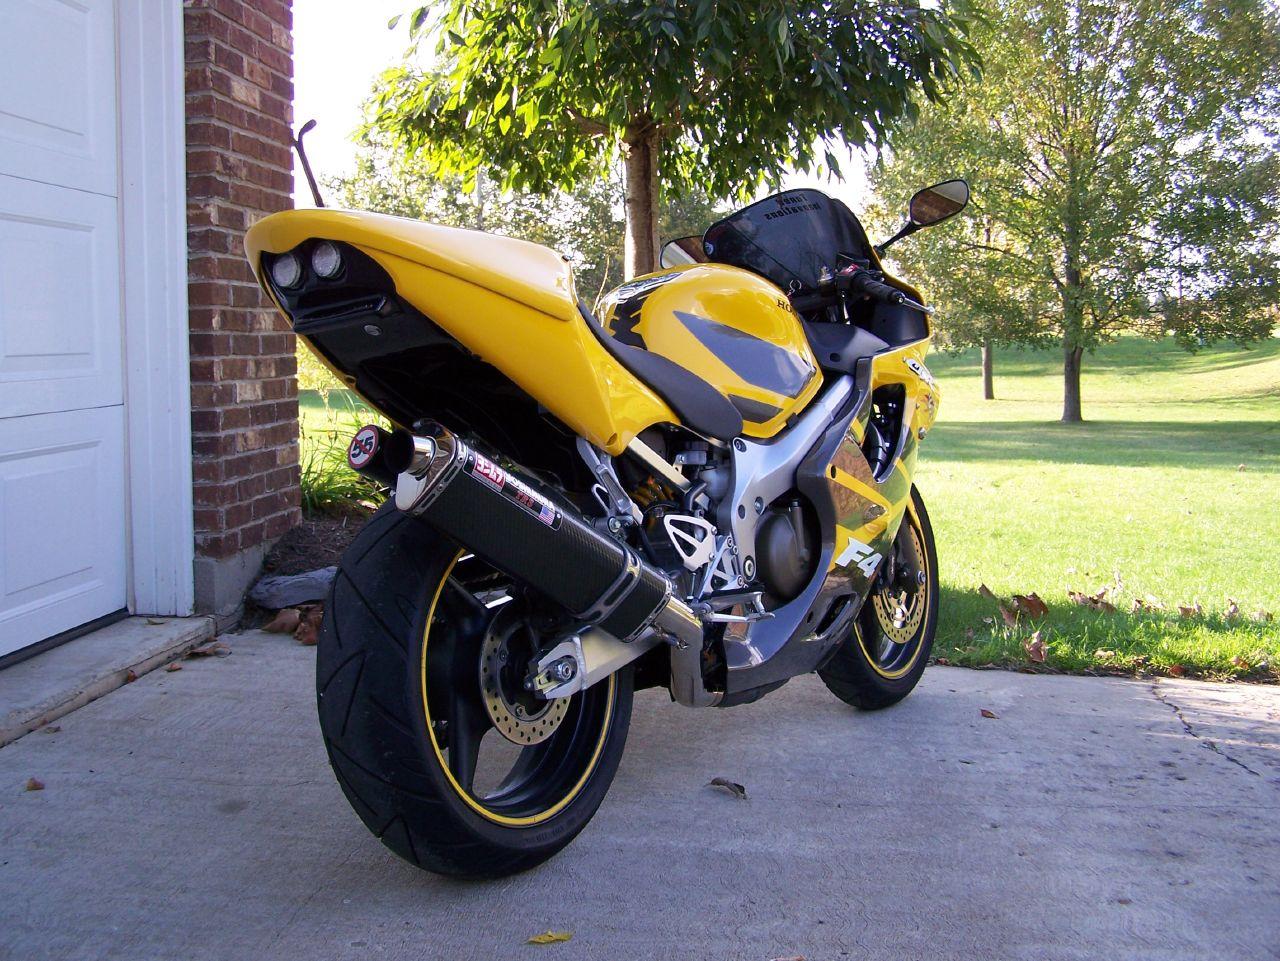 Pics of my bike 1491363813_7664ef0856_o